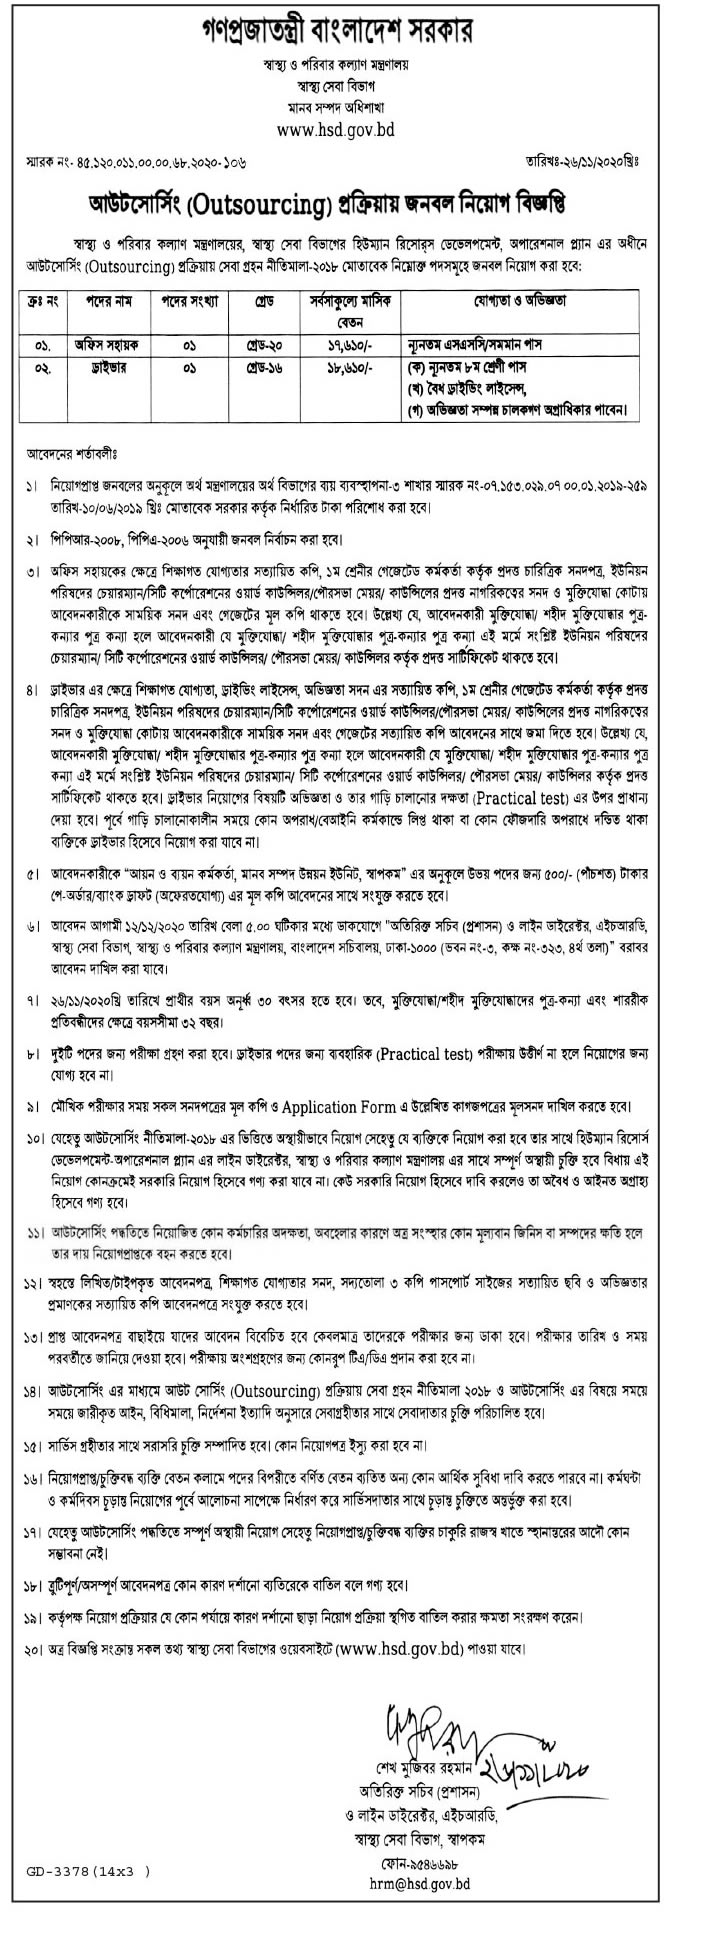 স্বাস্থ্য মন্ত্রণালয় নিয়োগ বিজ্ঞপ্তি ২০২১ - Ministry of Health and Family Welfare Job Circular 2021